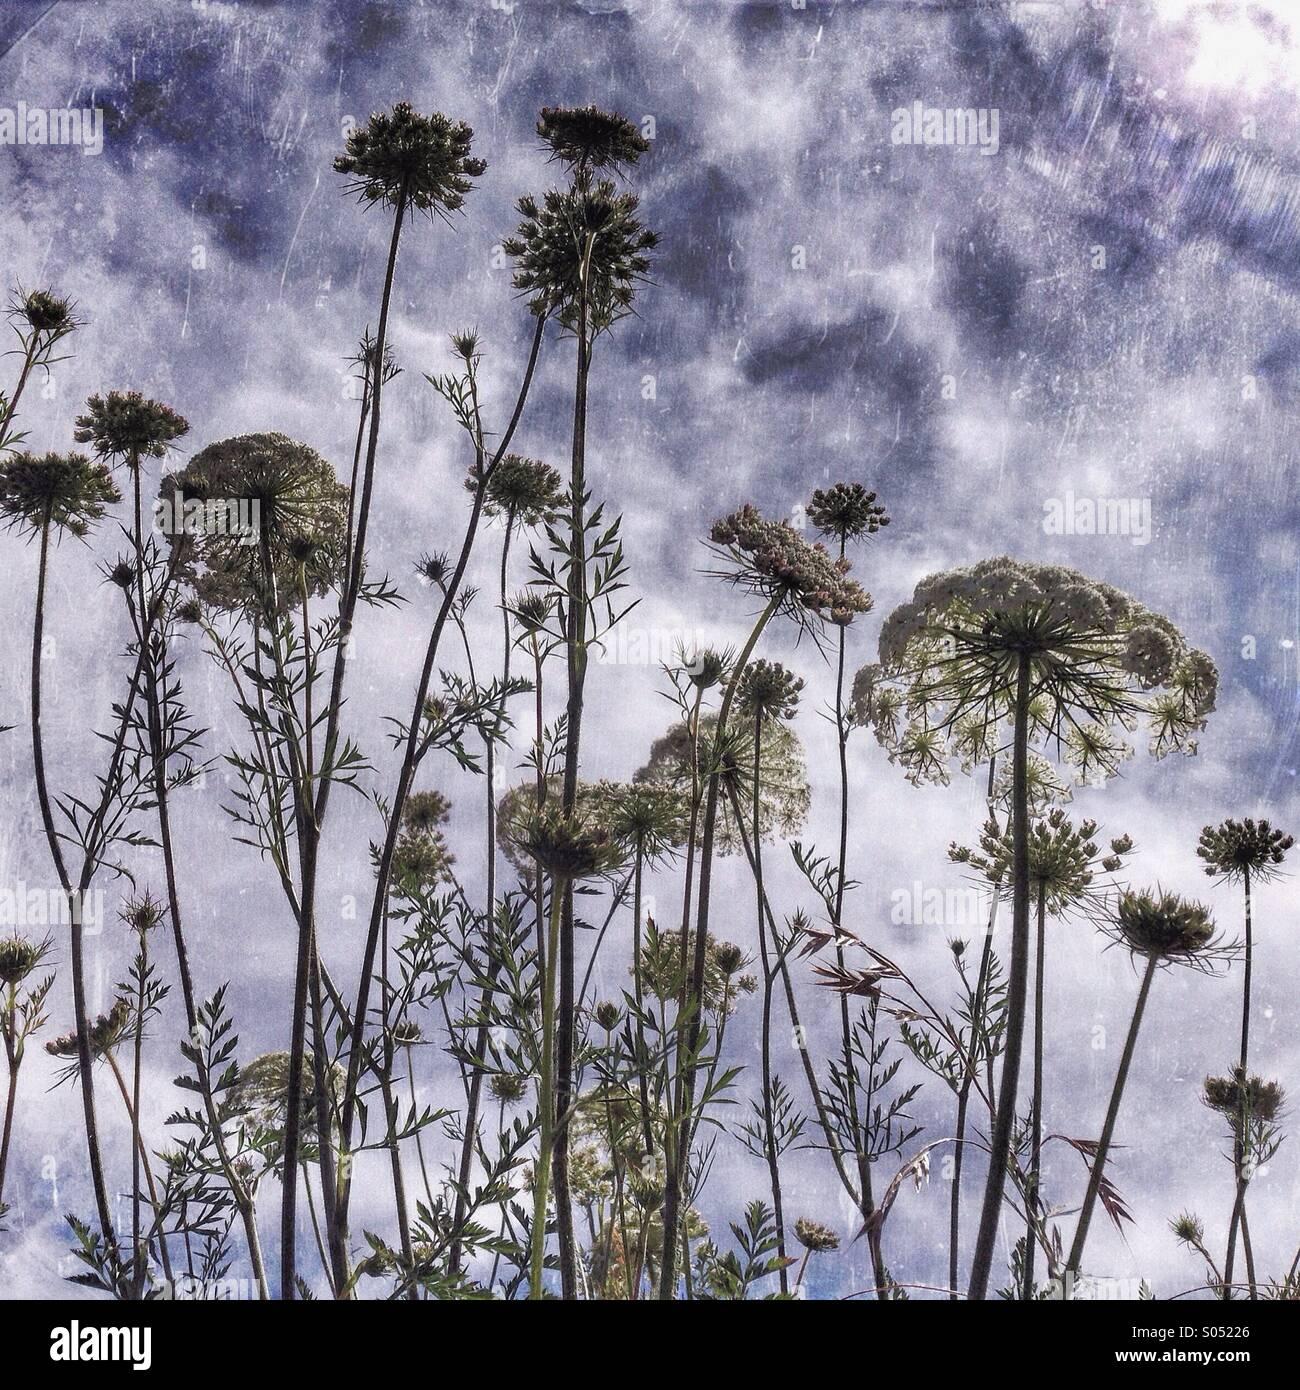 Pacific Northwest fiori selvatici Foto Stock